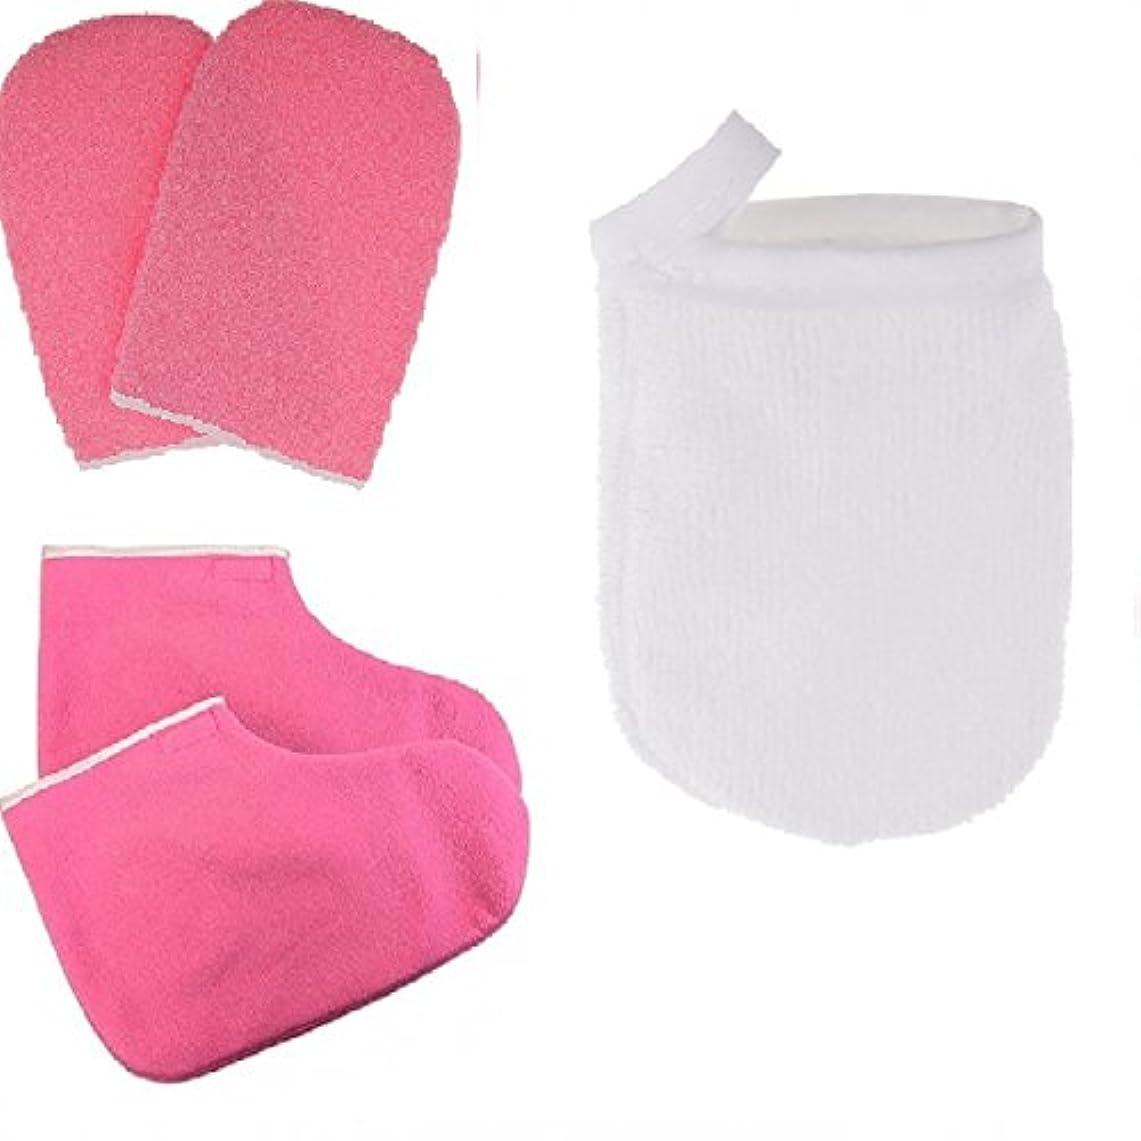 論争的瞑想する炎上パラフィン蝋手袋およびブーティのスキンケアが付いている表面構造の清潔になる手袋